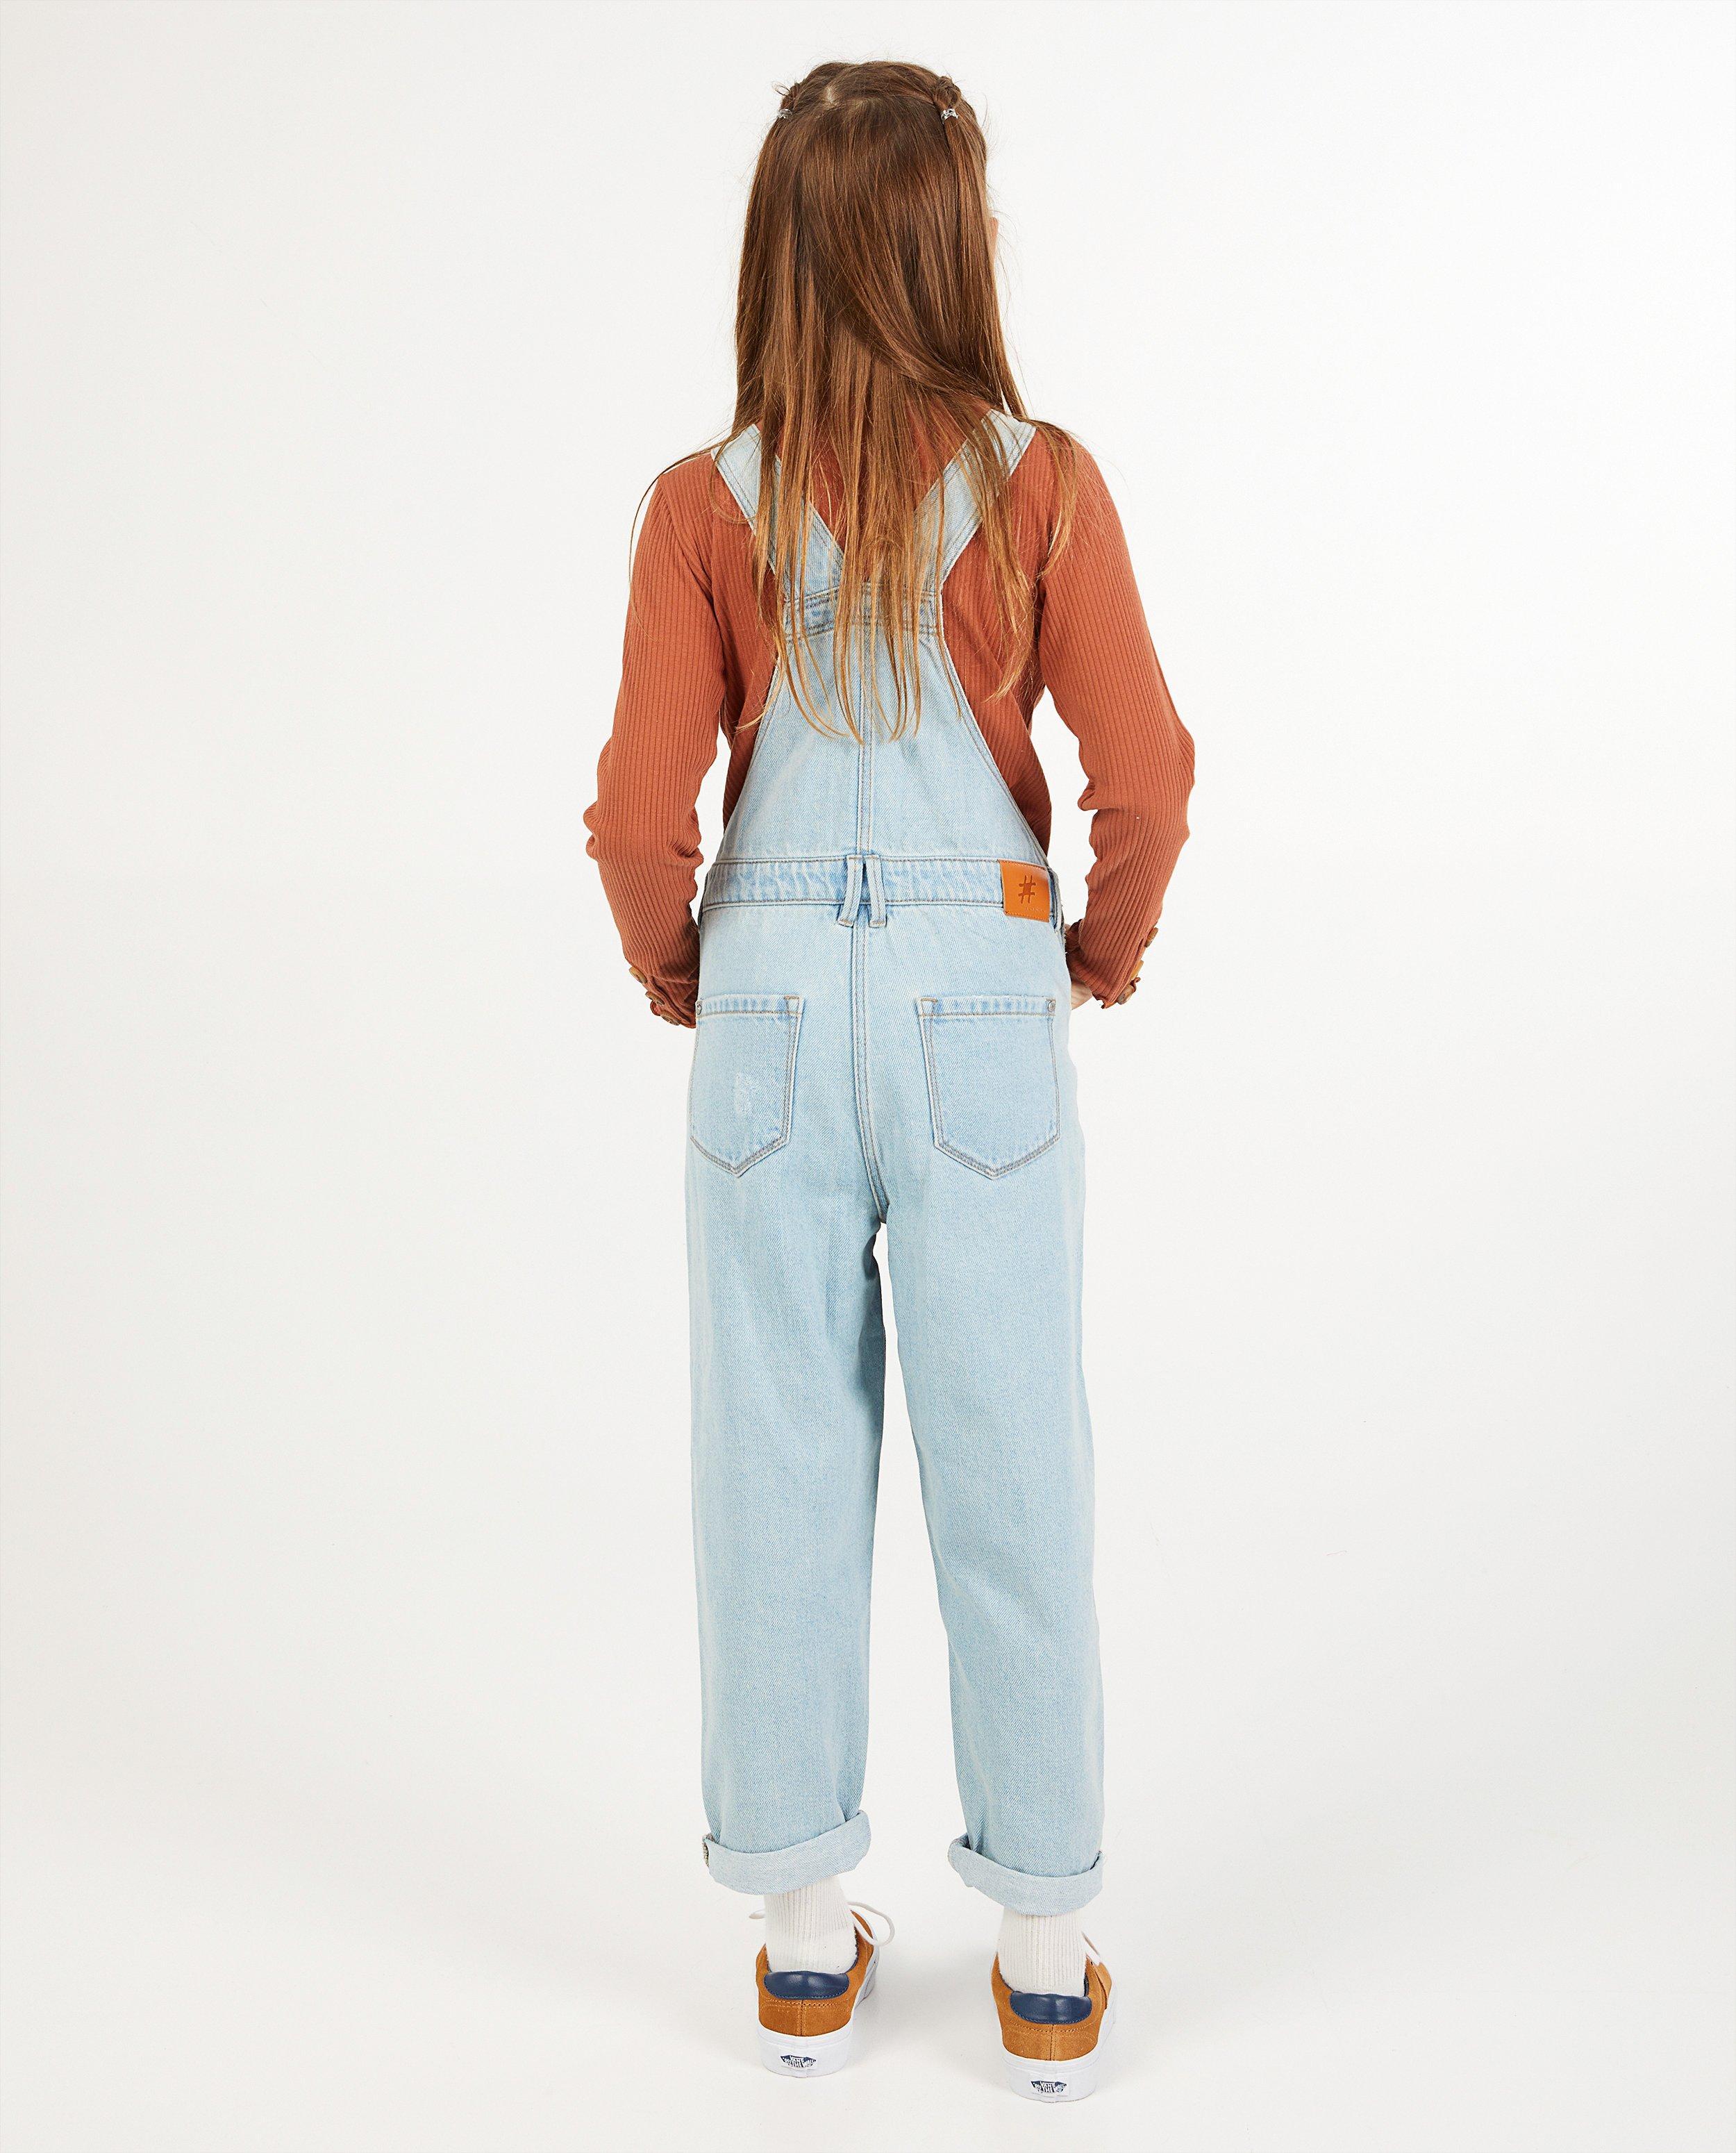 Jumpsuits - Lichtblauwe salopette van denim #LikeMe